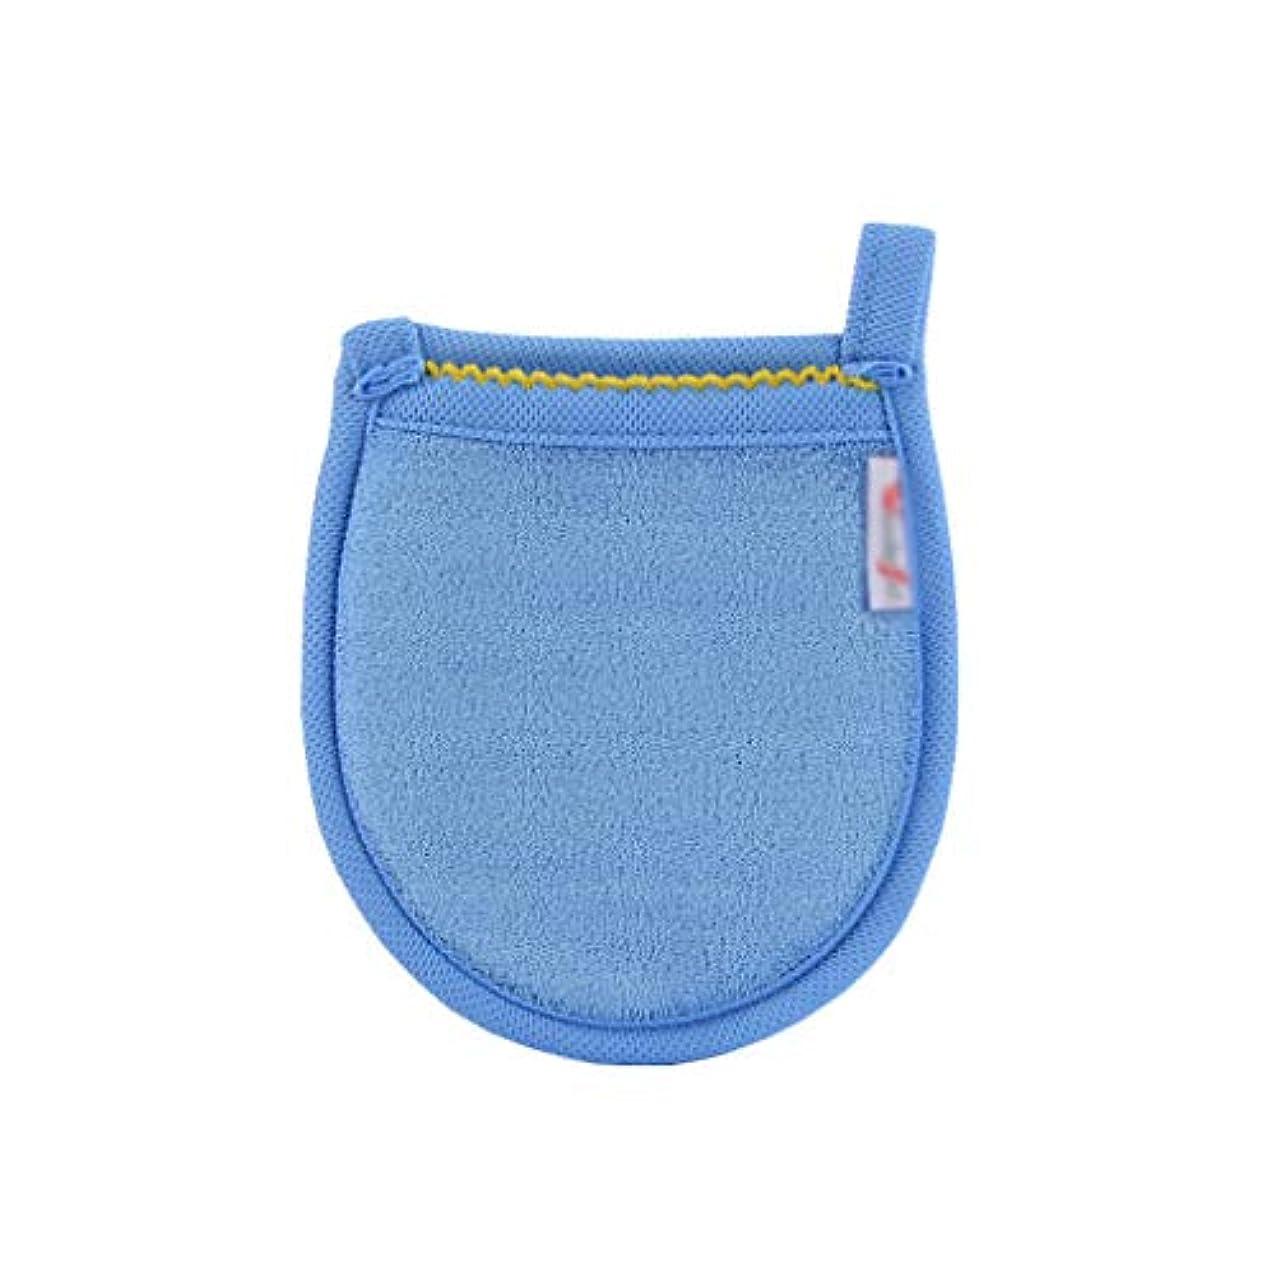 寂しい日記持つ化粧パッド 再利用可能なマイクロファイバーフェイシャルクロスフェイスタオルメイク落としグローブツール美容フェイスケアタオル5色 メイク落とし化粧パッド (Color : Blue)